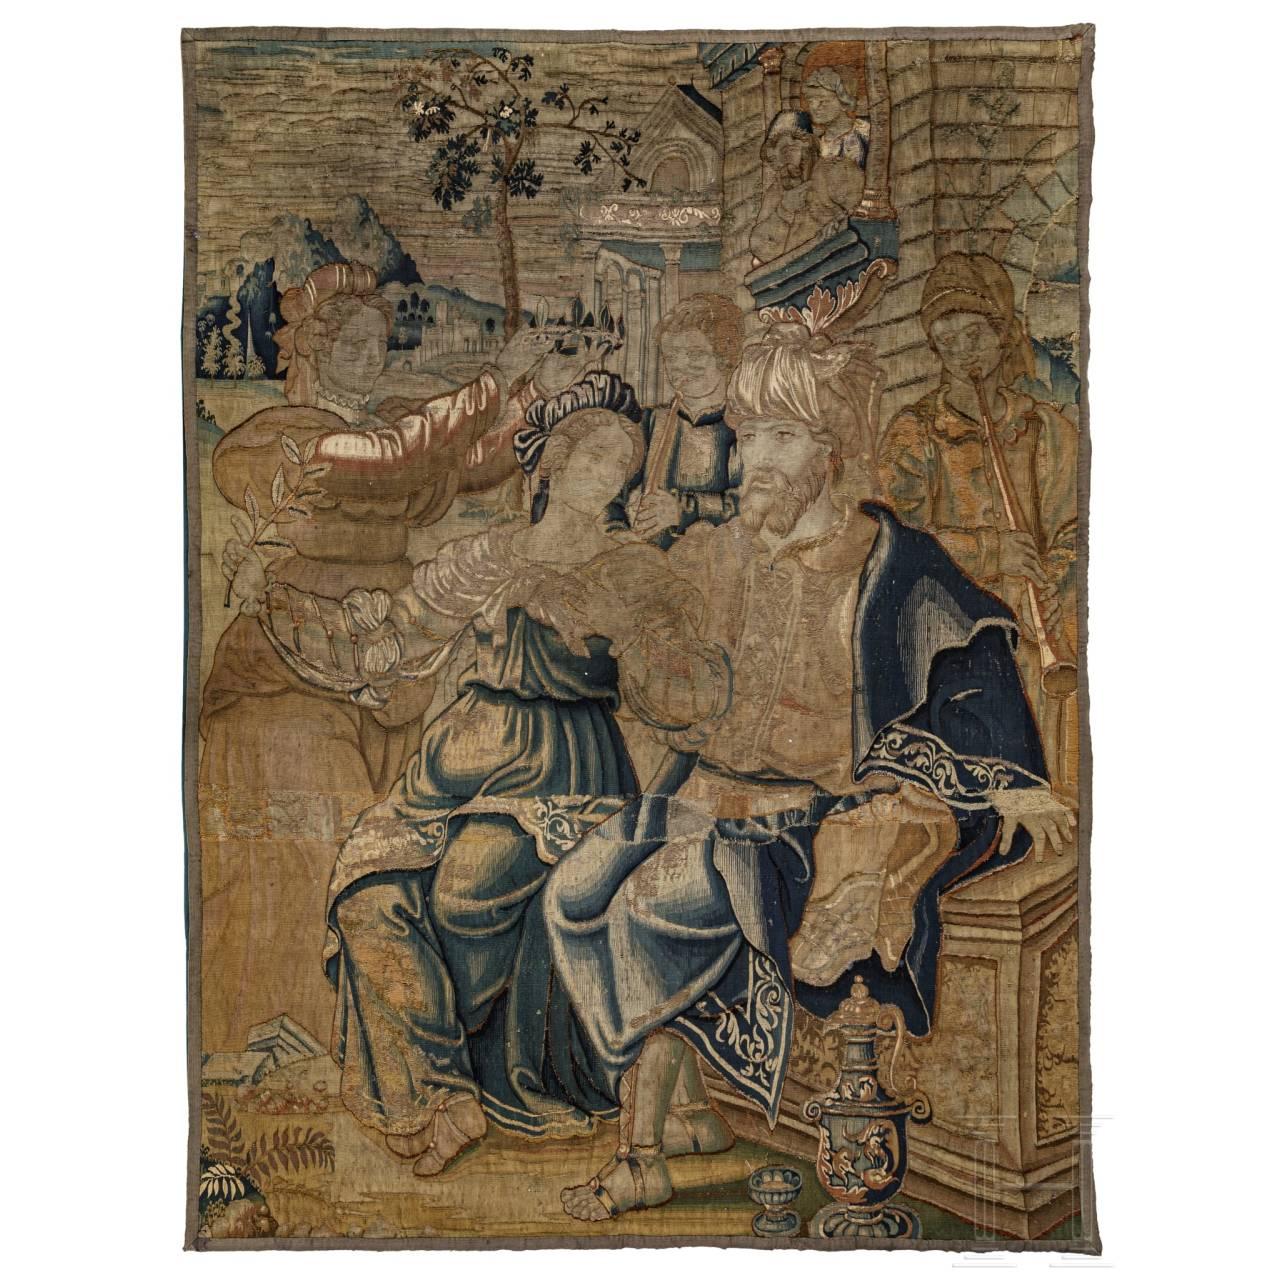 Fragment einer barocken Tapisserie, Flandern, frühes 17. Jhdt.